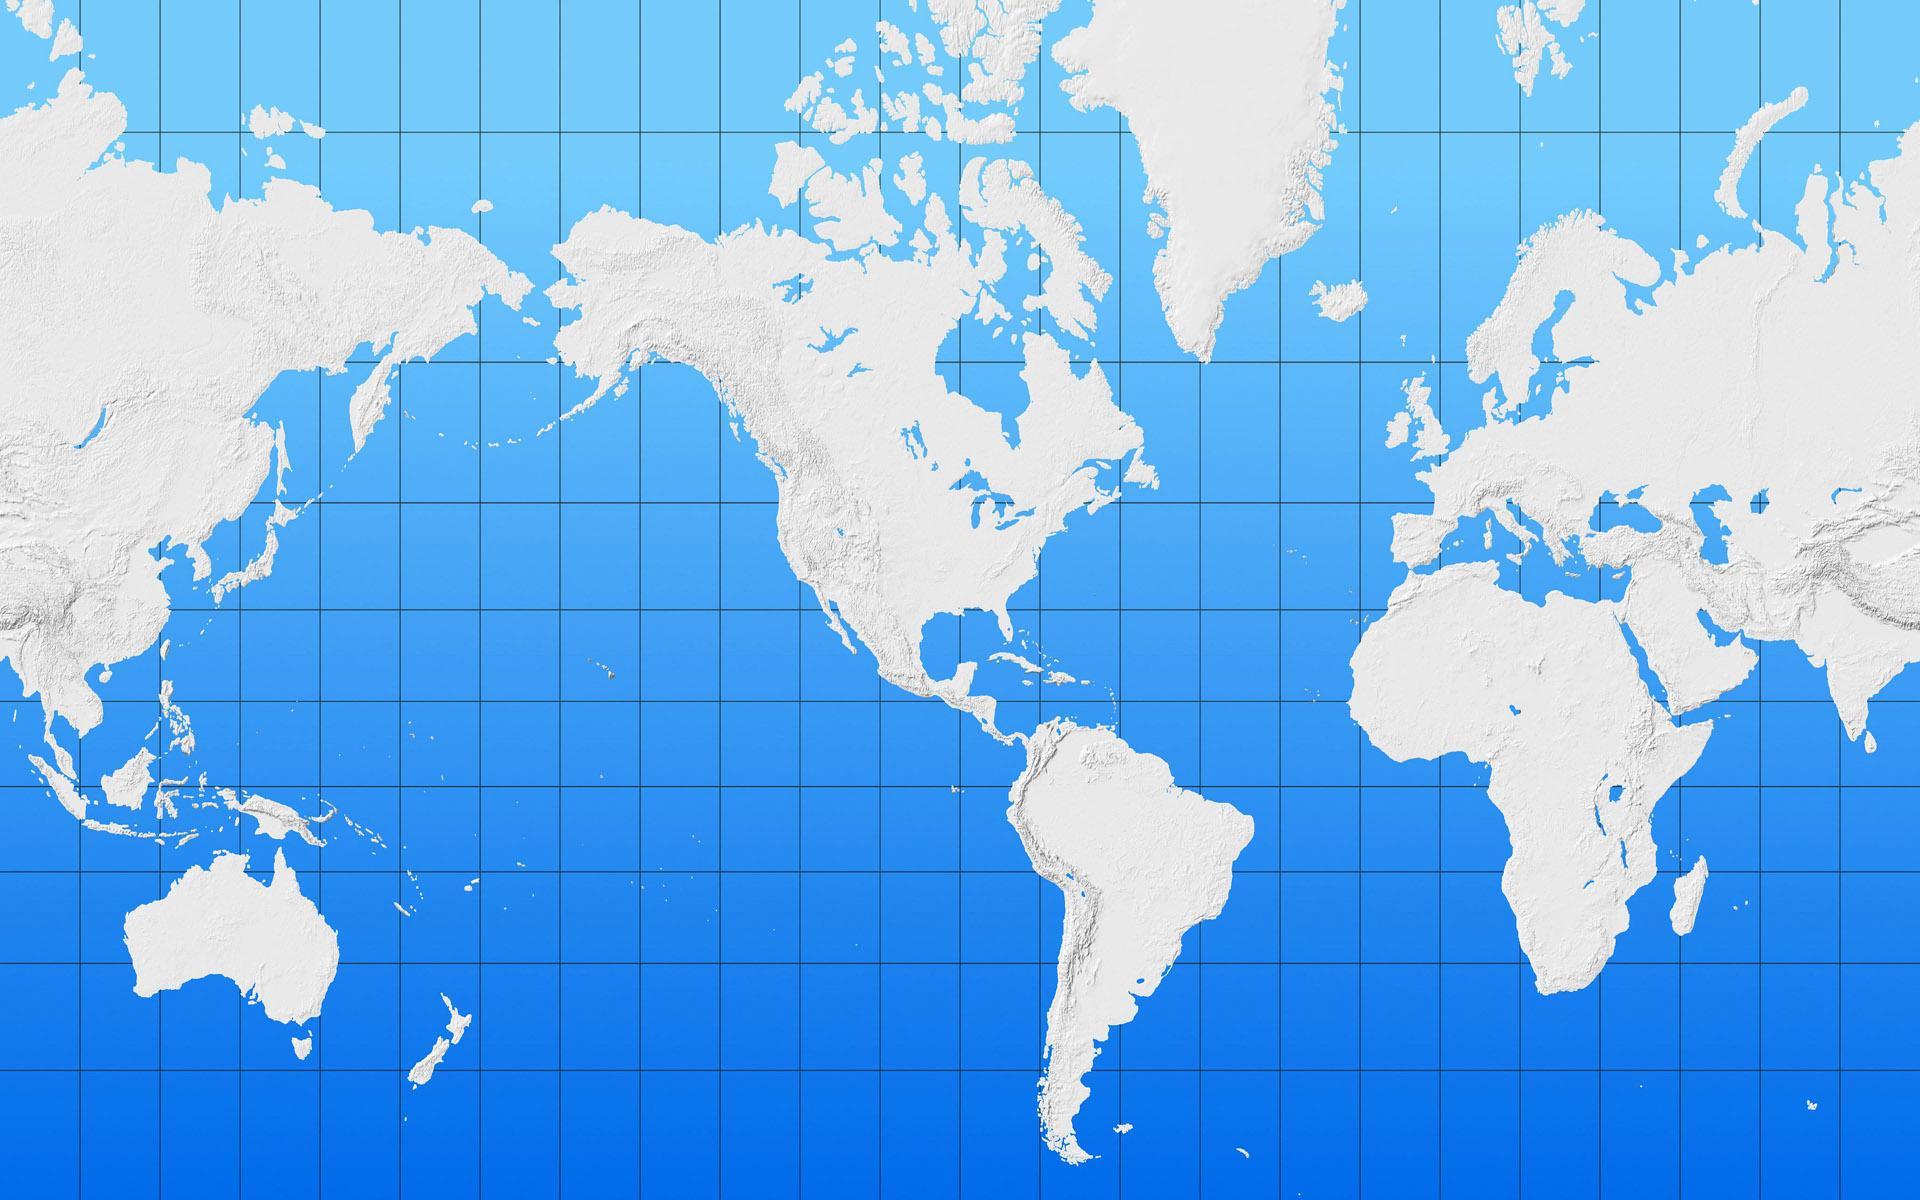 Полезная статистика из мира бизнеса